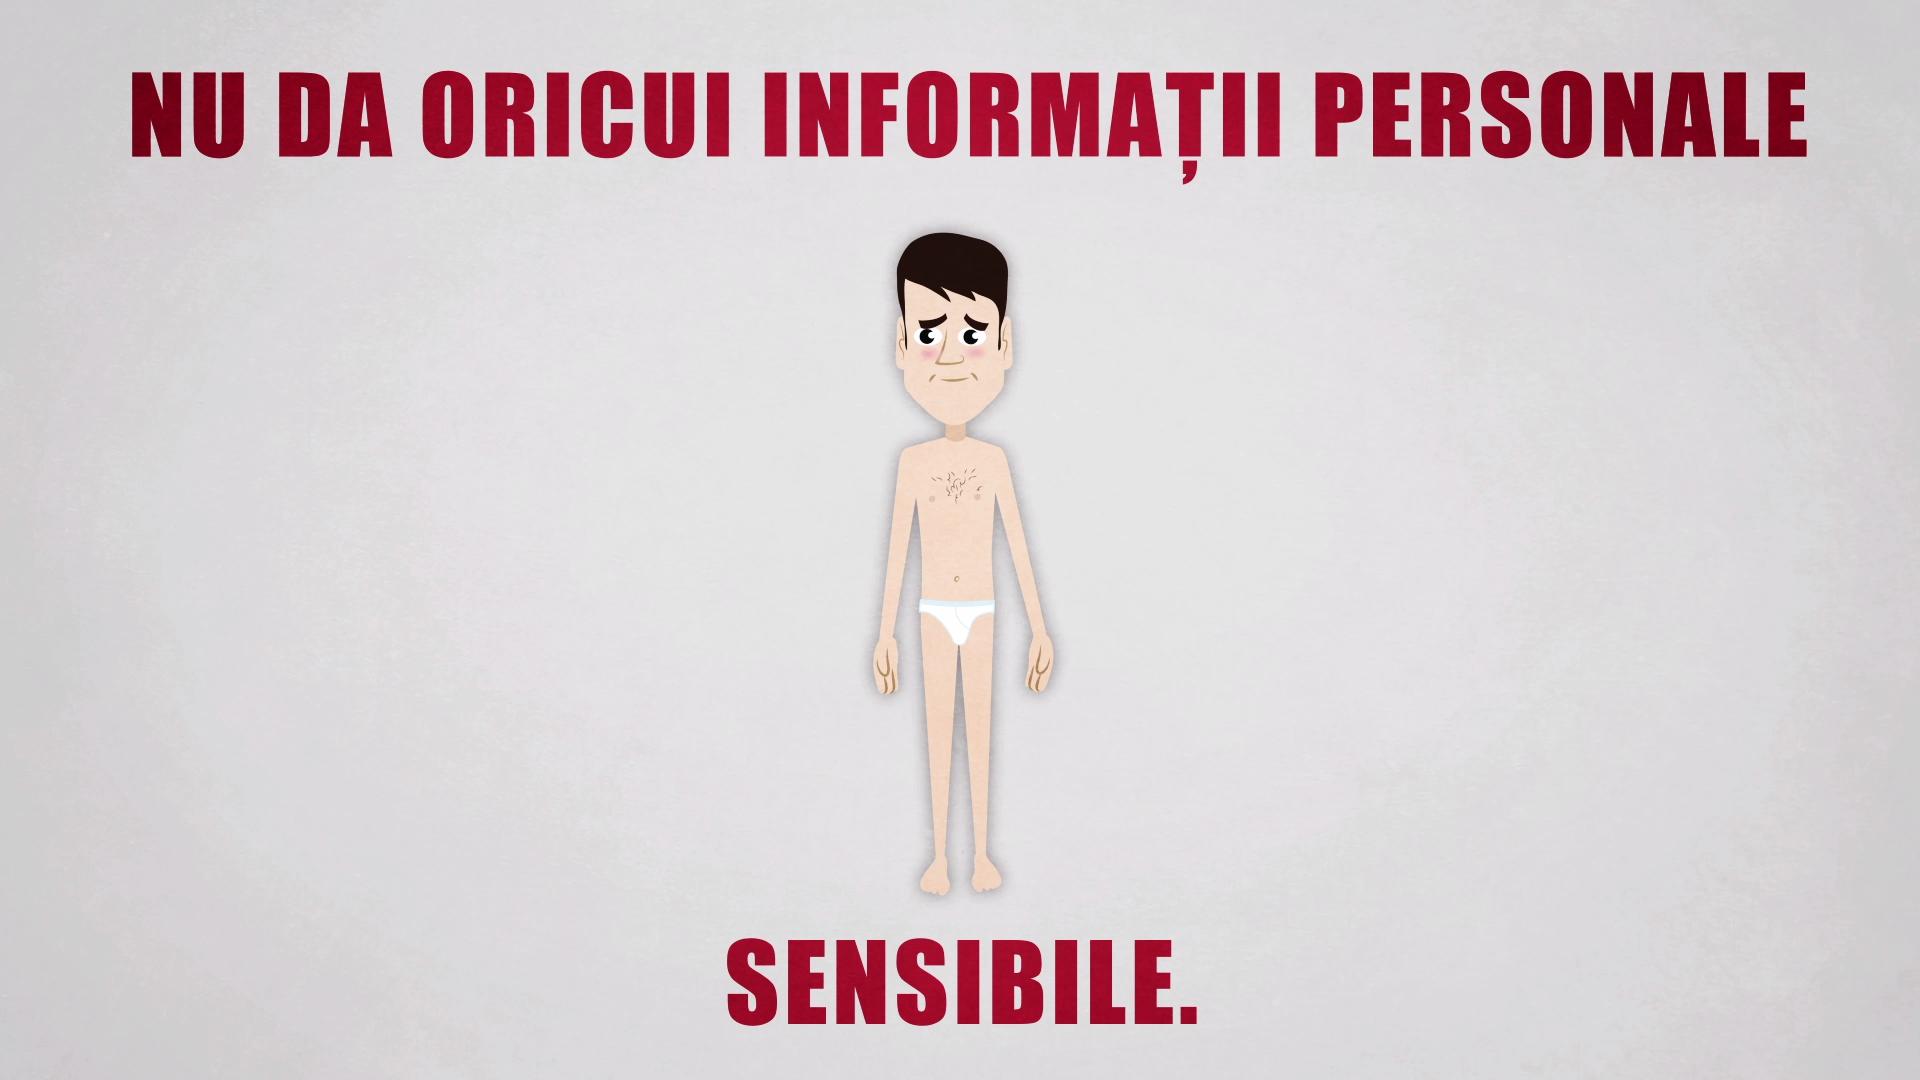 informatii personale sensibile